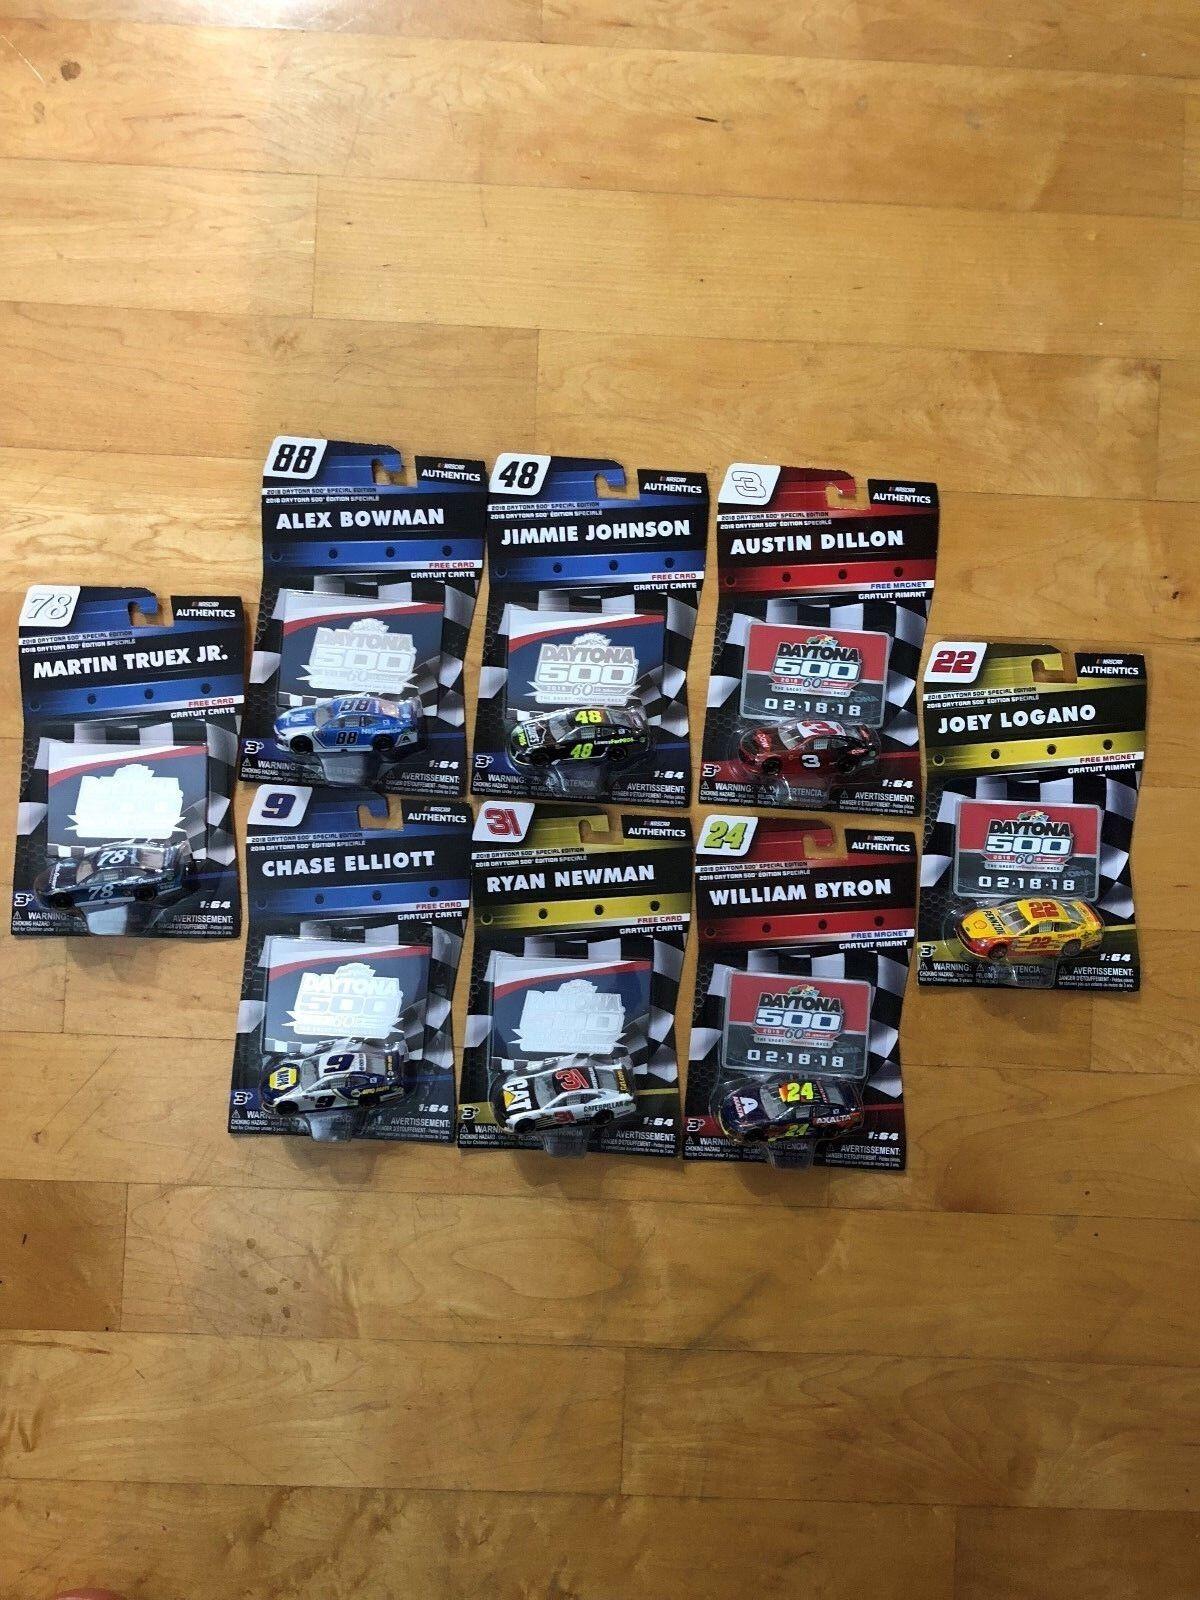 Nascar Authentics 2018 Daytona 500 Special Edition lot of 8 ELLIOTT, TRUEX JR. +